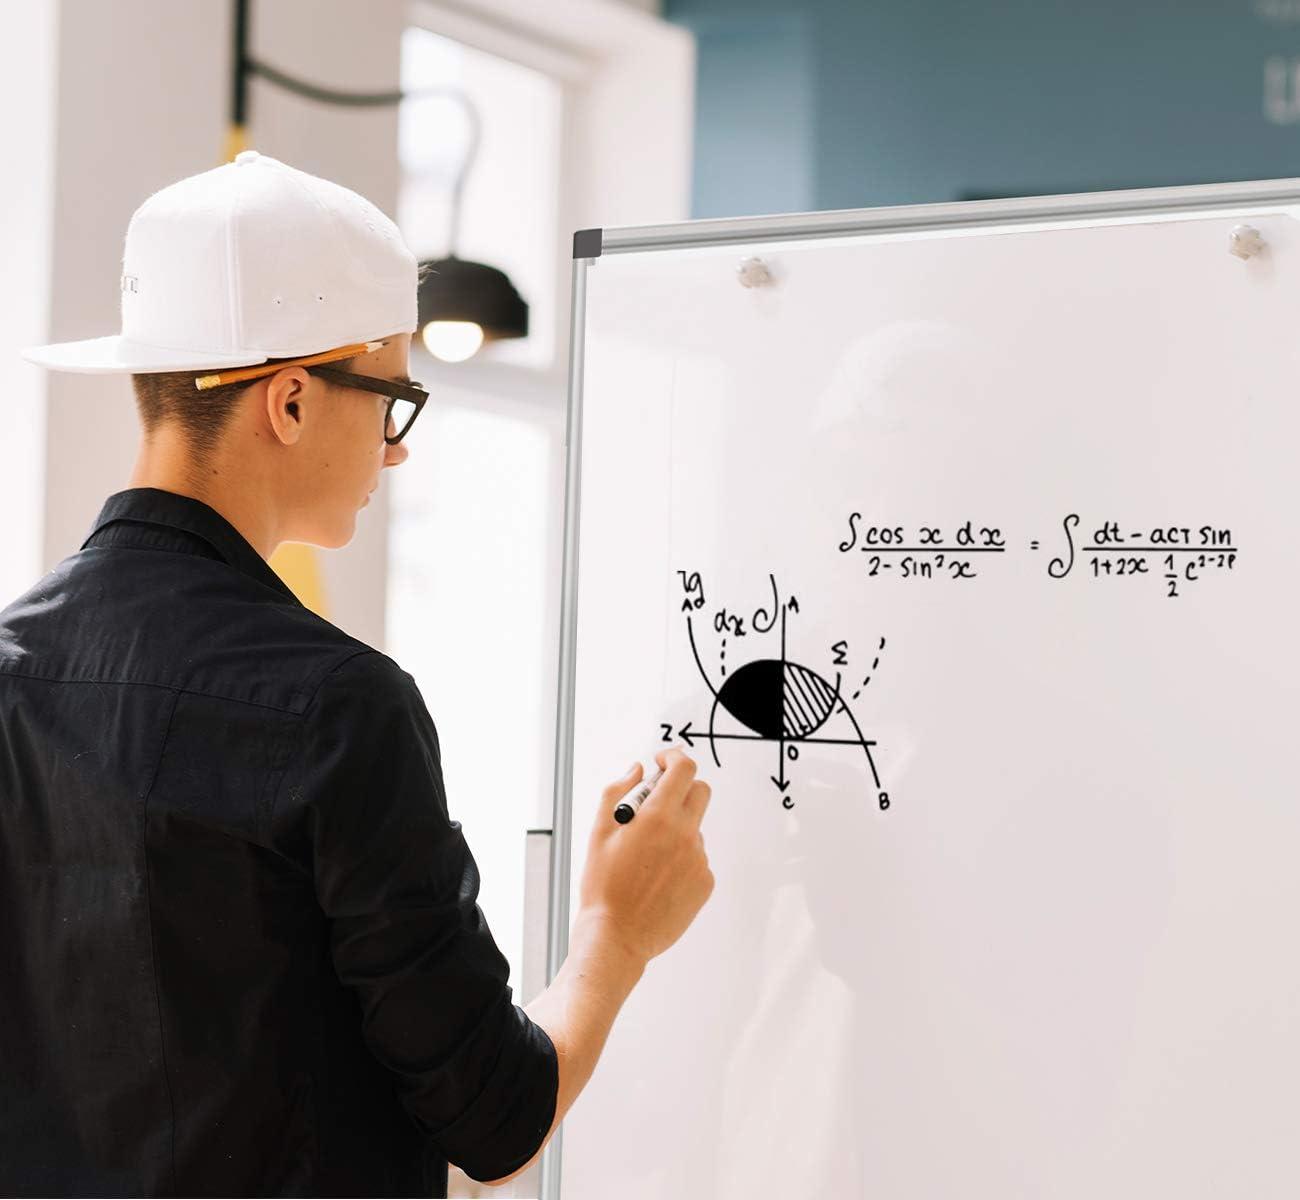 2er Pack 90x60cm einem Tafell/öscher und Whiteboard-Stiften geliefert f/ür Schule Wohnung und B/üro Magnetisches Whiteboard,Magnettafel mit Stiftablage/&12 magnetischen Partikeln